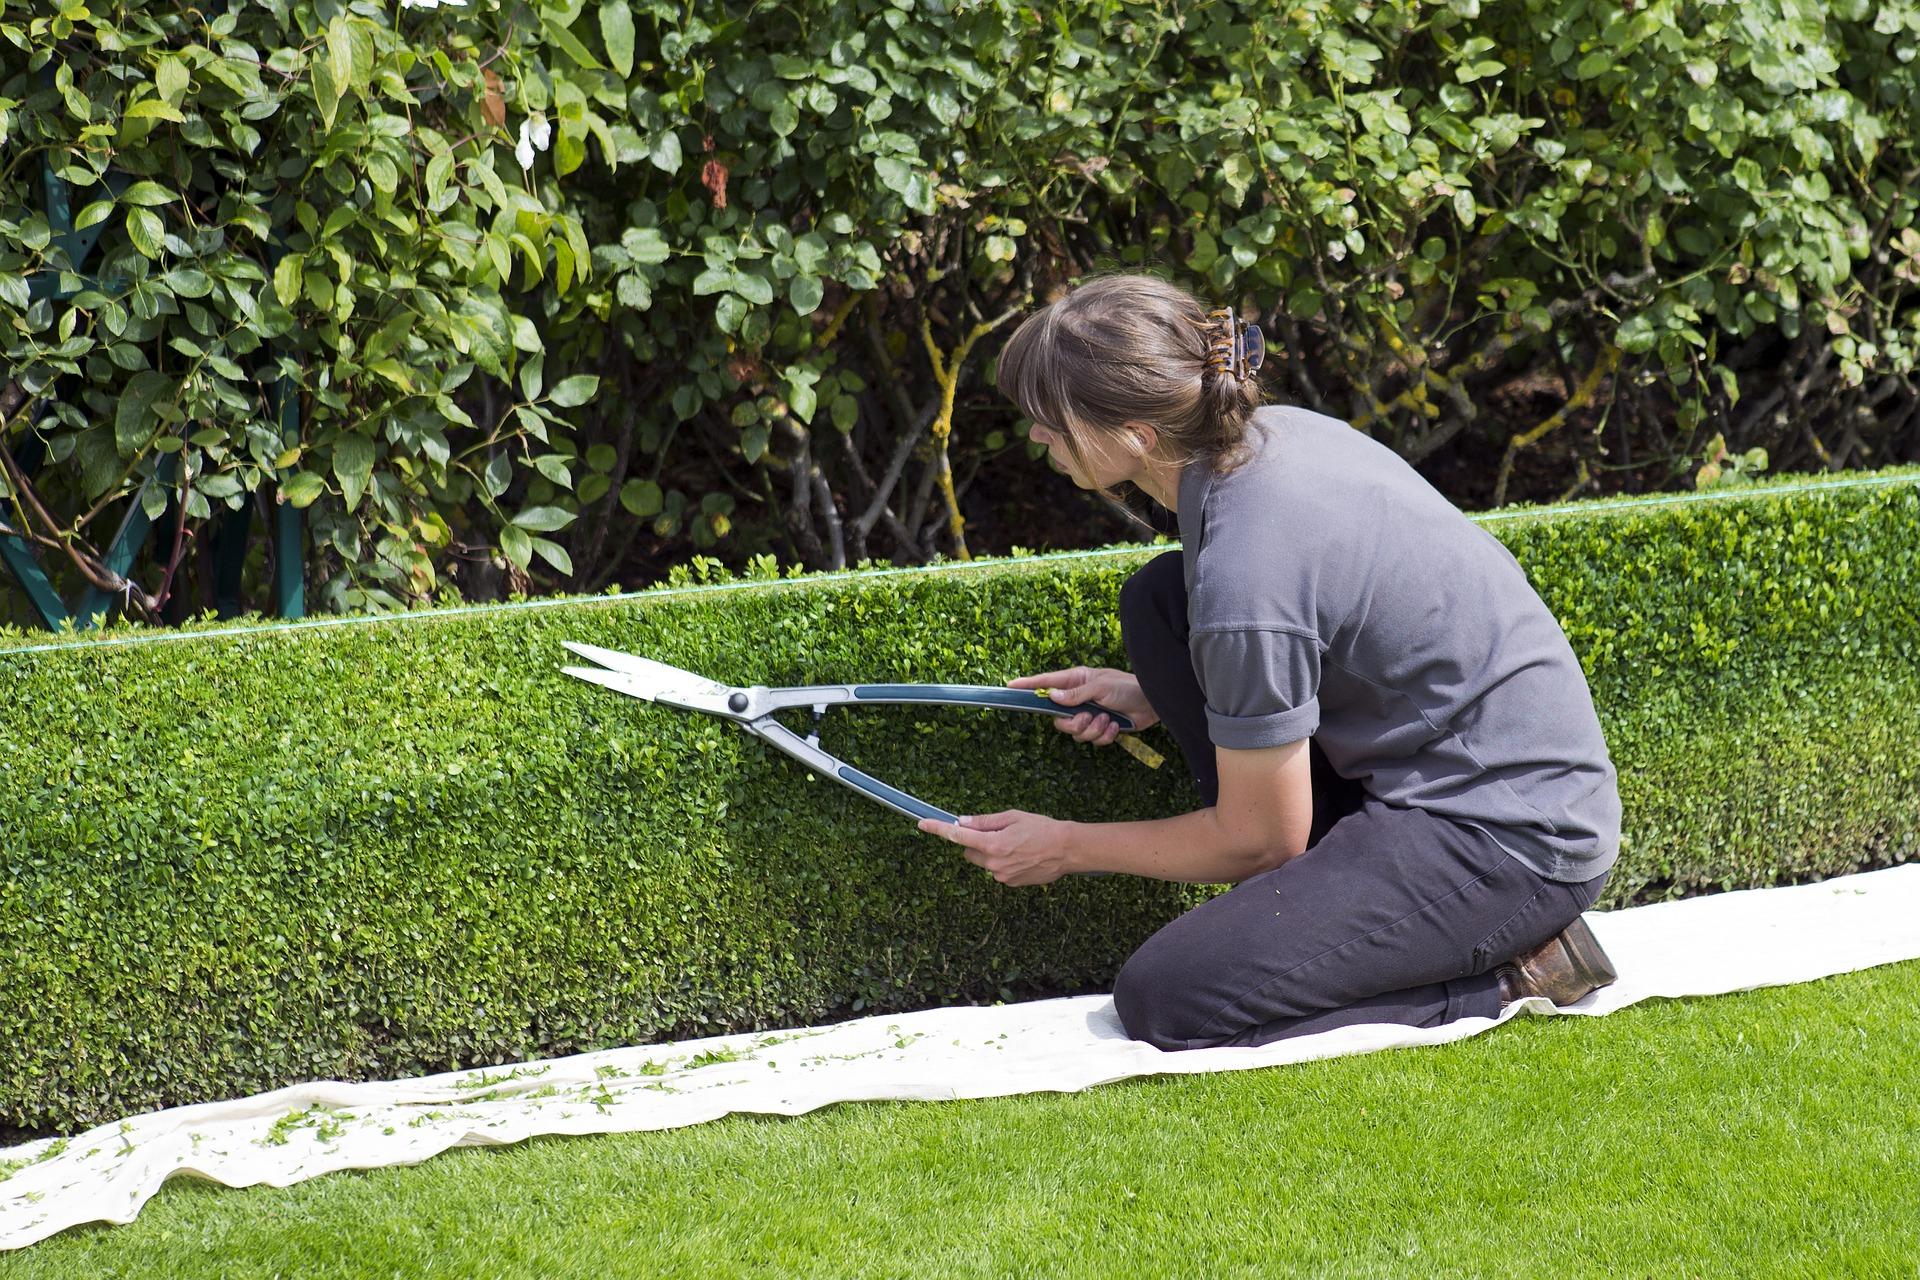 Une femme en train de tailler une haie dans un jardin avec un sécateur